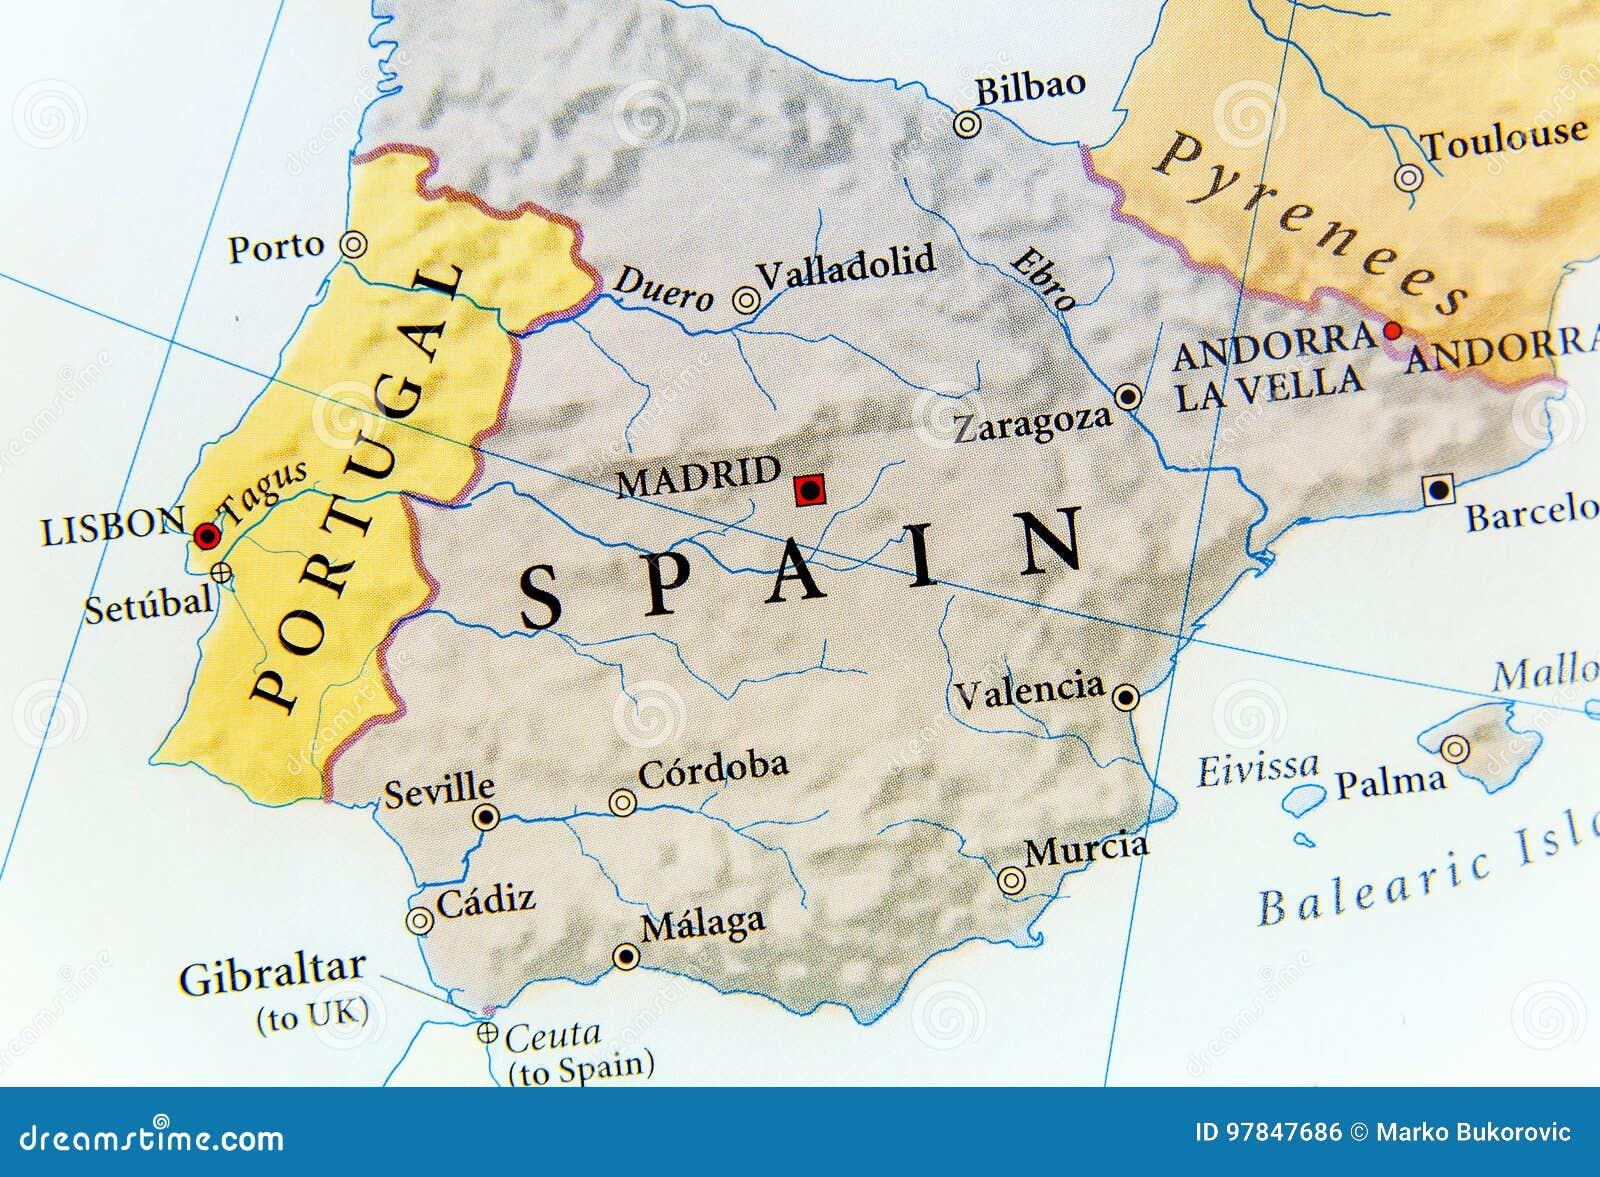 Mapa Geográfico De España.Mapa Geografico De Espana Con Las Ciudades Importantes Foto